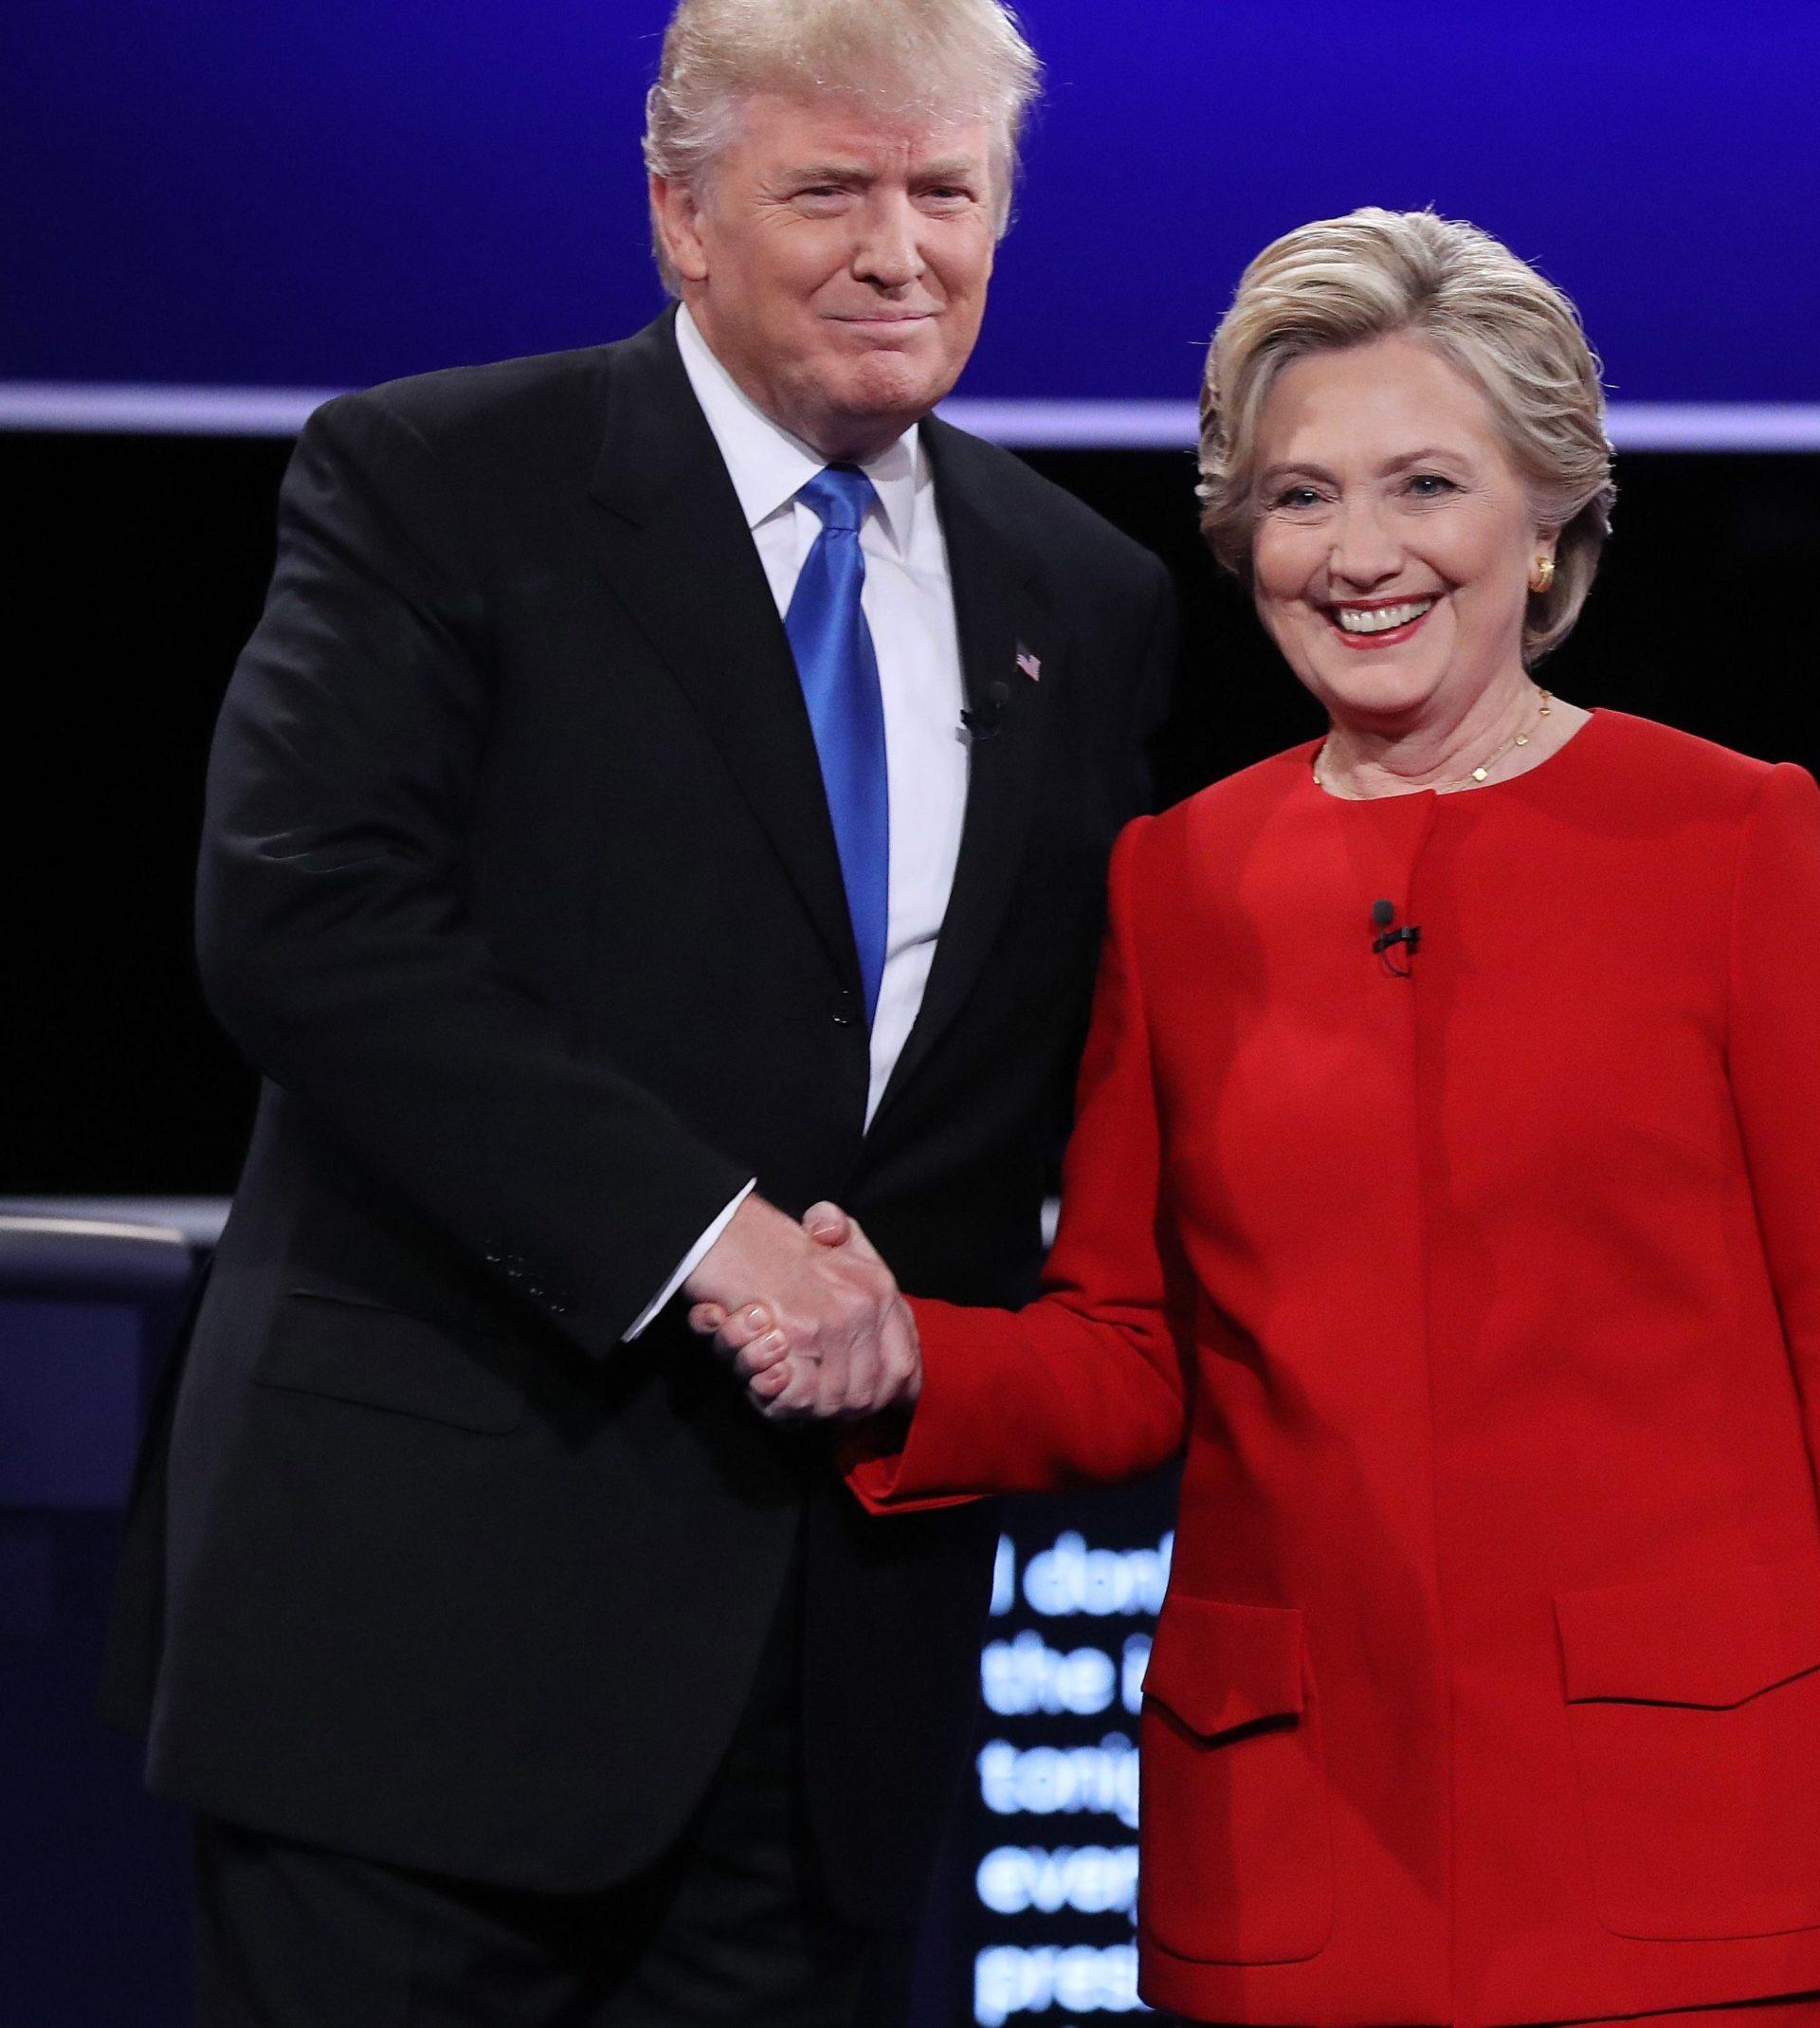 Donald Trump y Hillary Clinton durante el debate presidencial | Foto: EFE